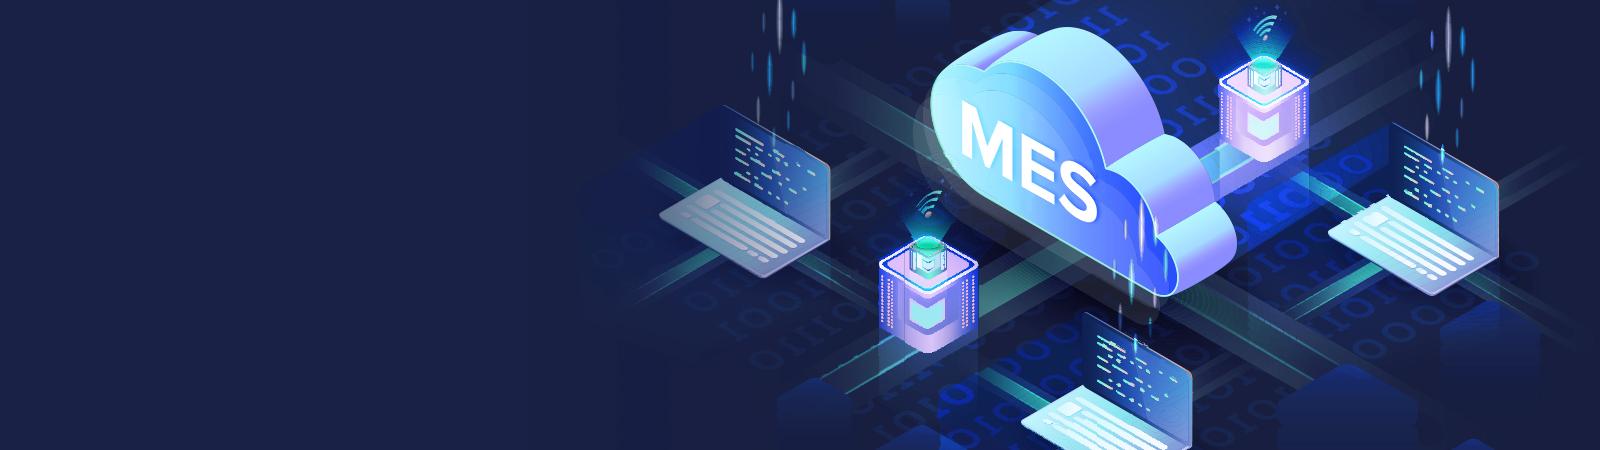 Sind Ihre Betriebsdaten sicher? Hosten Sie Ihre MES-Software in einer sicheren Cloud!